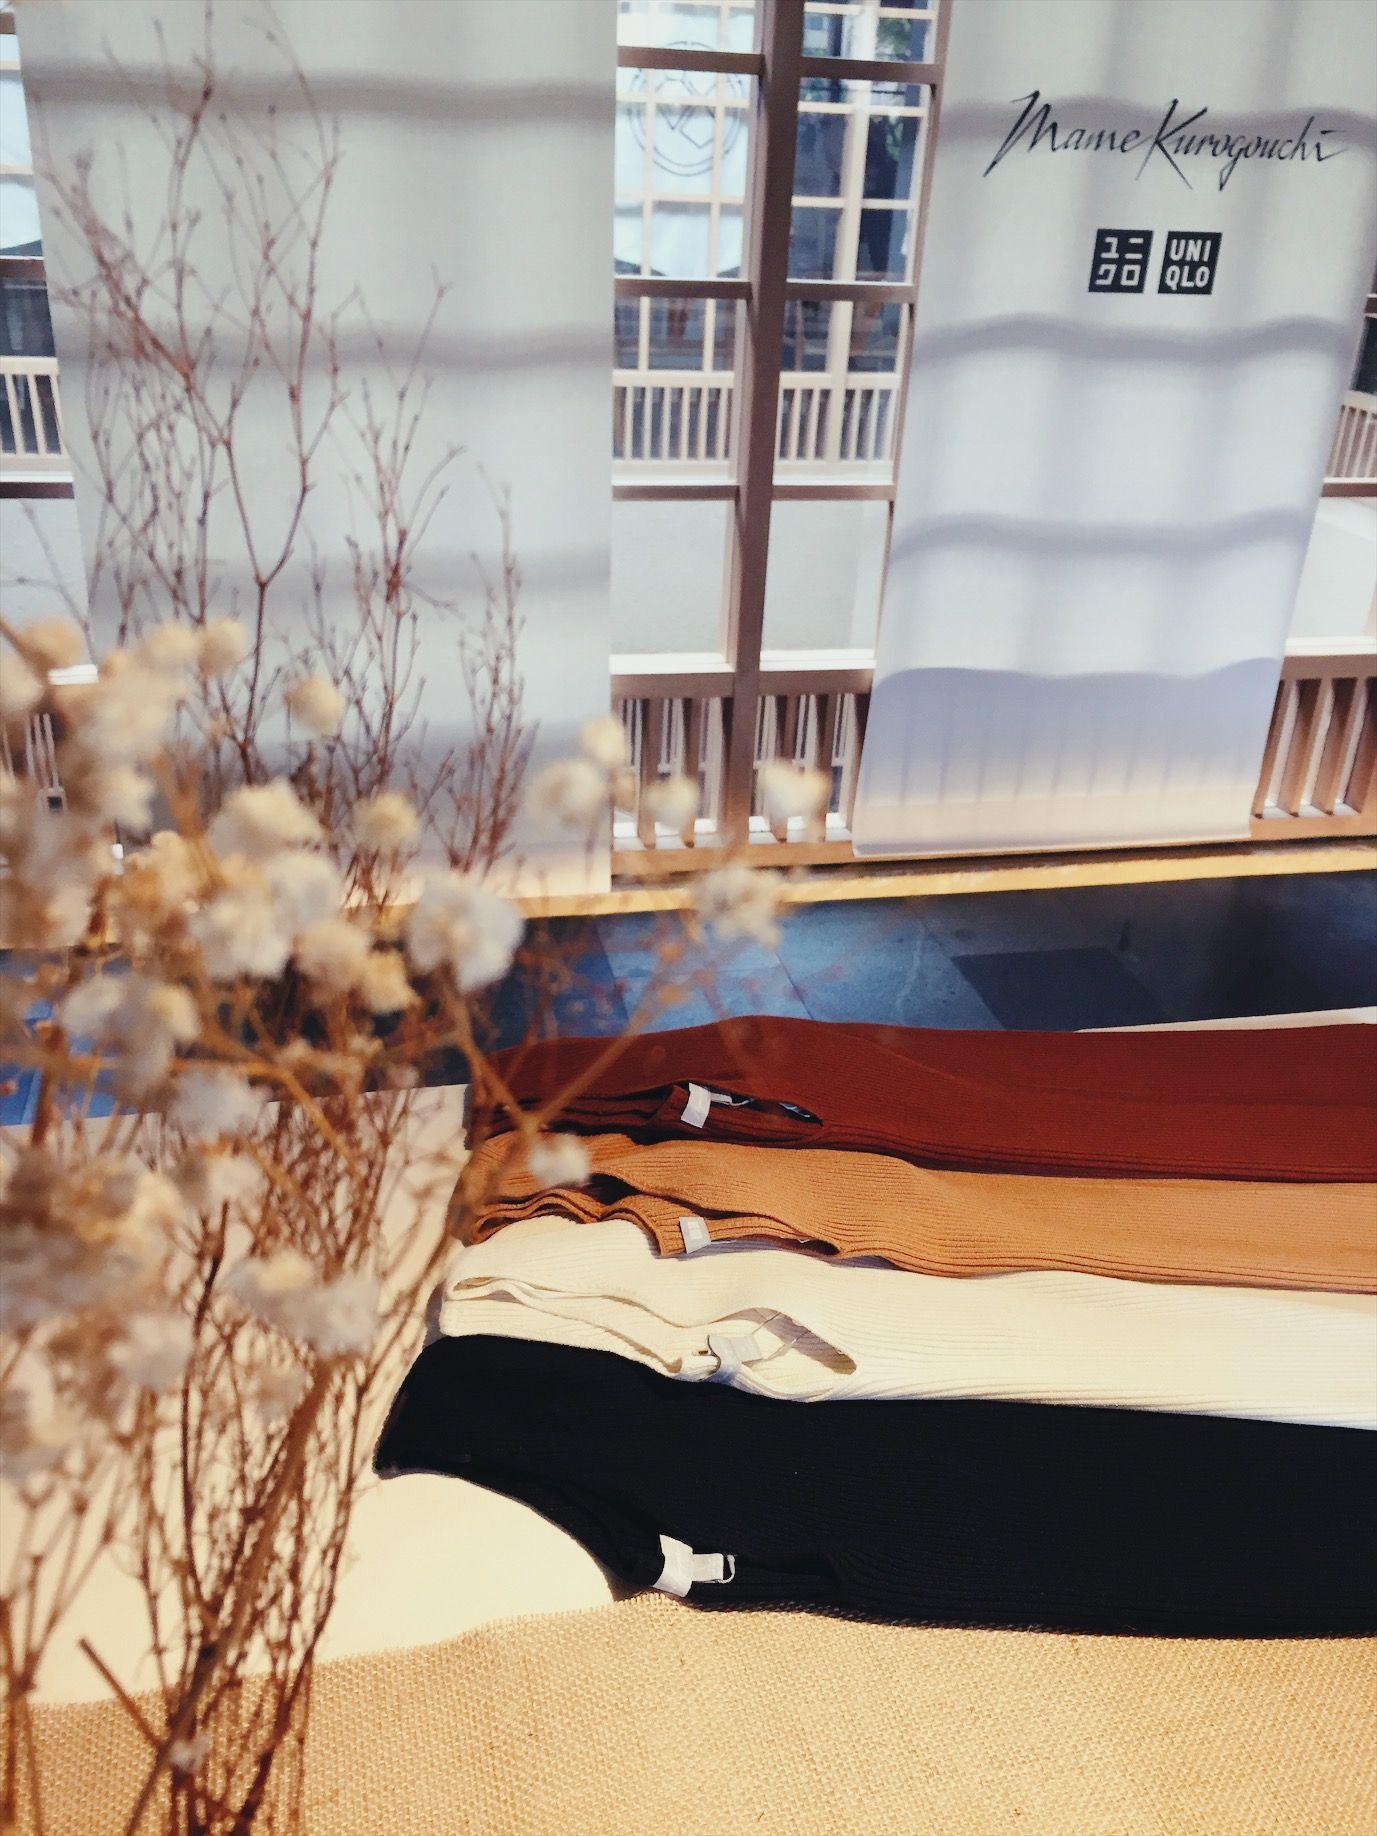 Mengenal Koleksi UNIQLO & Mame Kurogouchi yang Berfokus Pada Innerwear